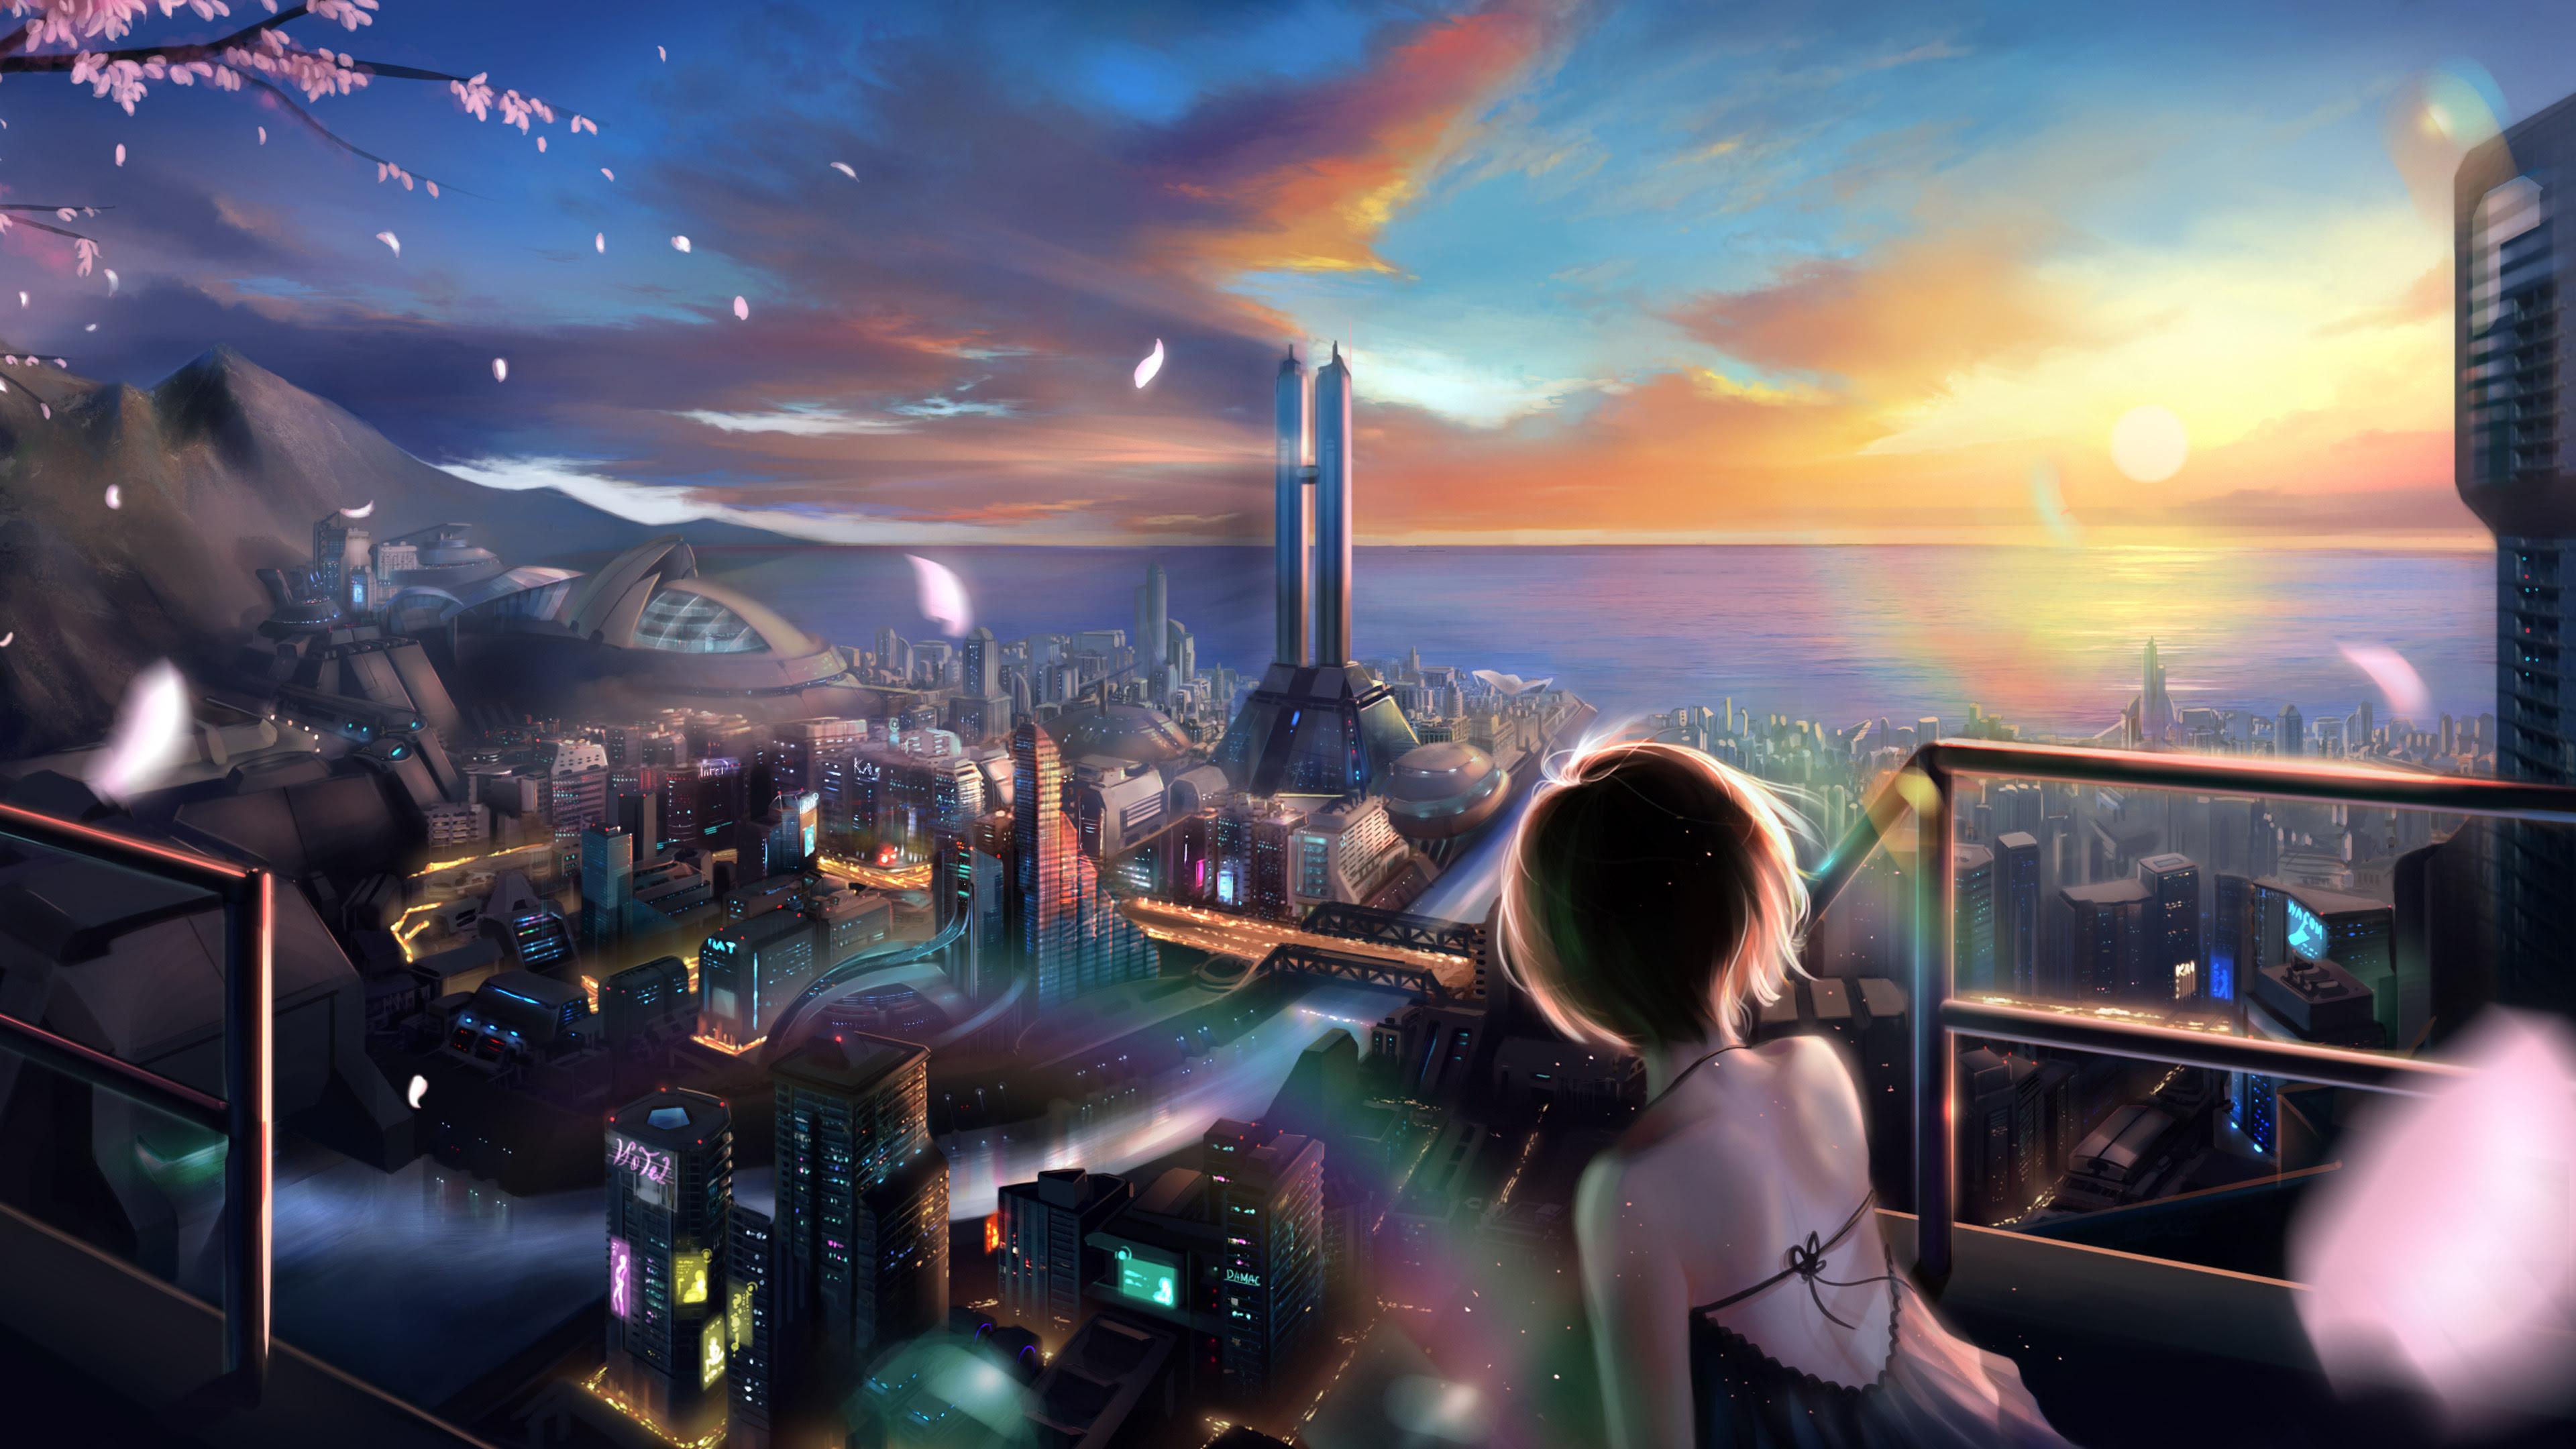 Kumpulan Ilmu Dan Pengetahuan Penting Anime Backgrounds 4k